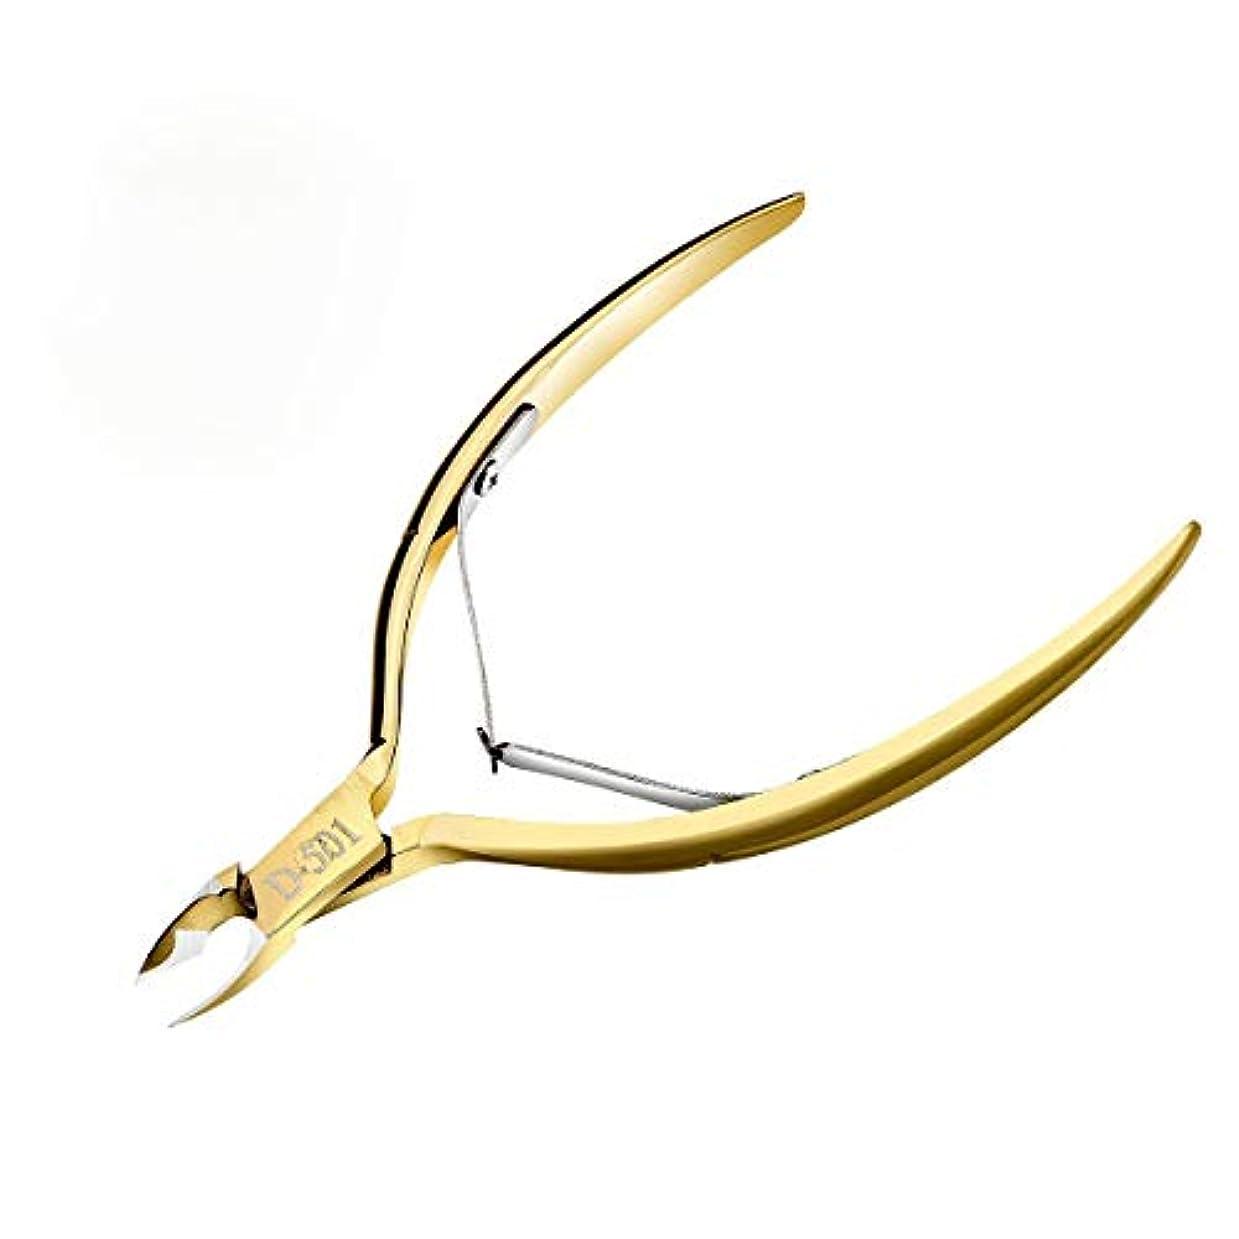 ラッカス身元ネックレスMakartt® JAW1/4  キューティクルニッパー 甘皮切り ささくれニッパー ニッパー式爪切り 魚の目などの角質にも対応